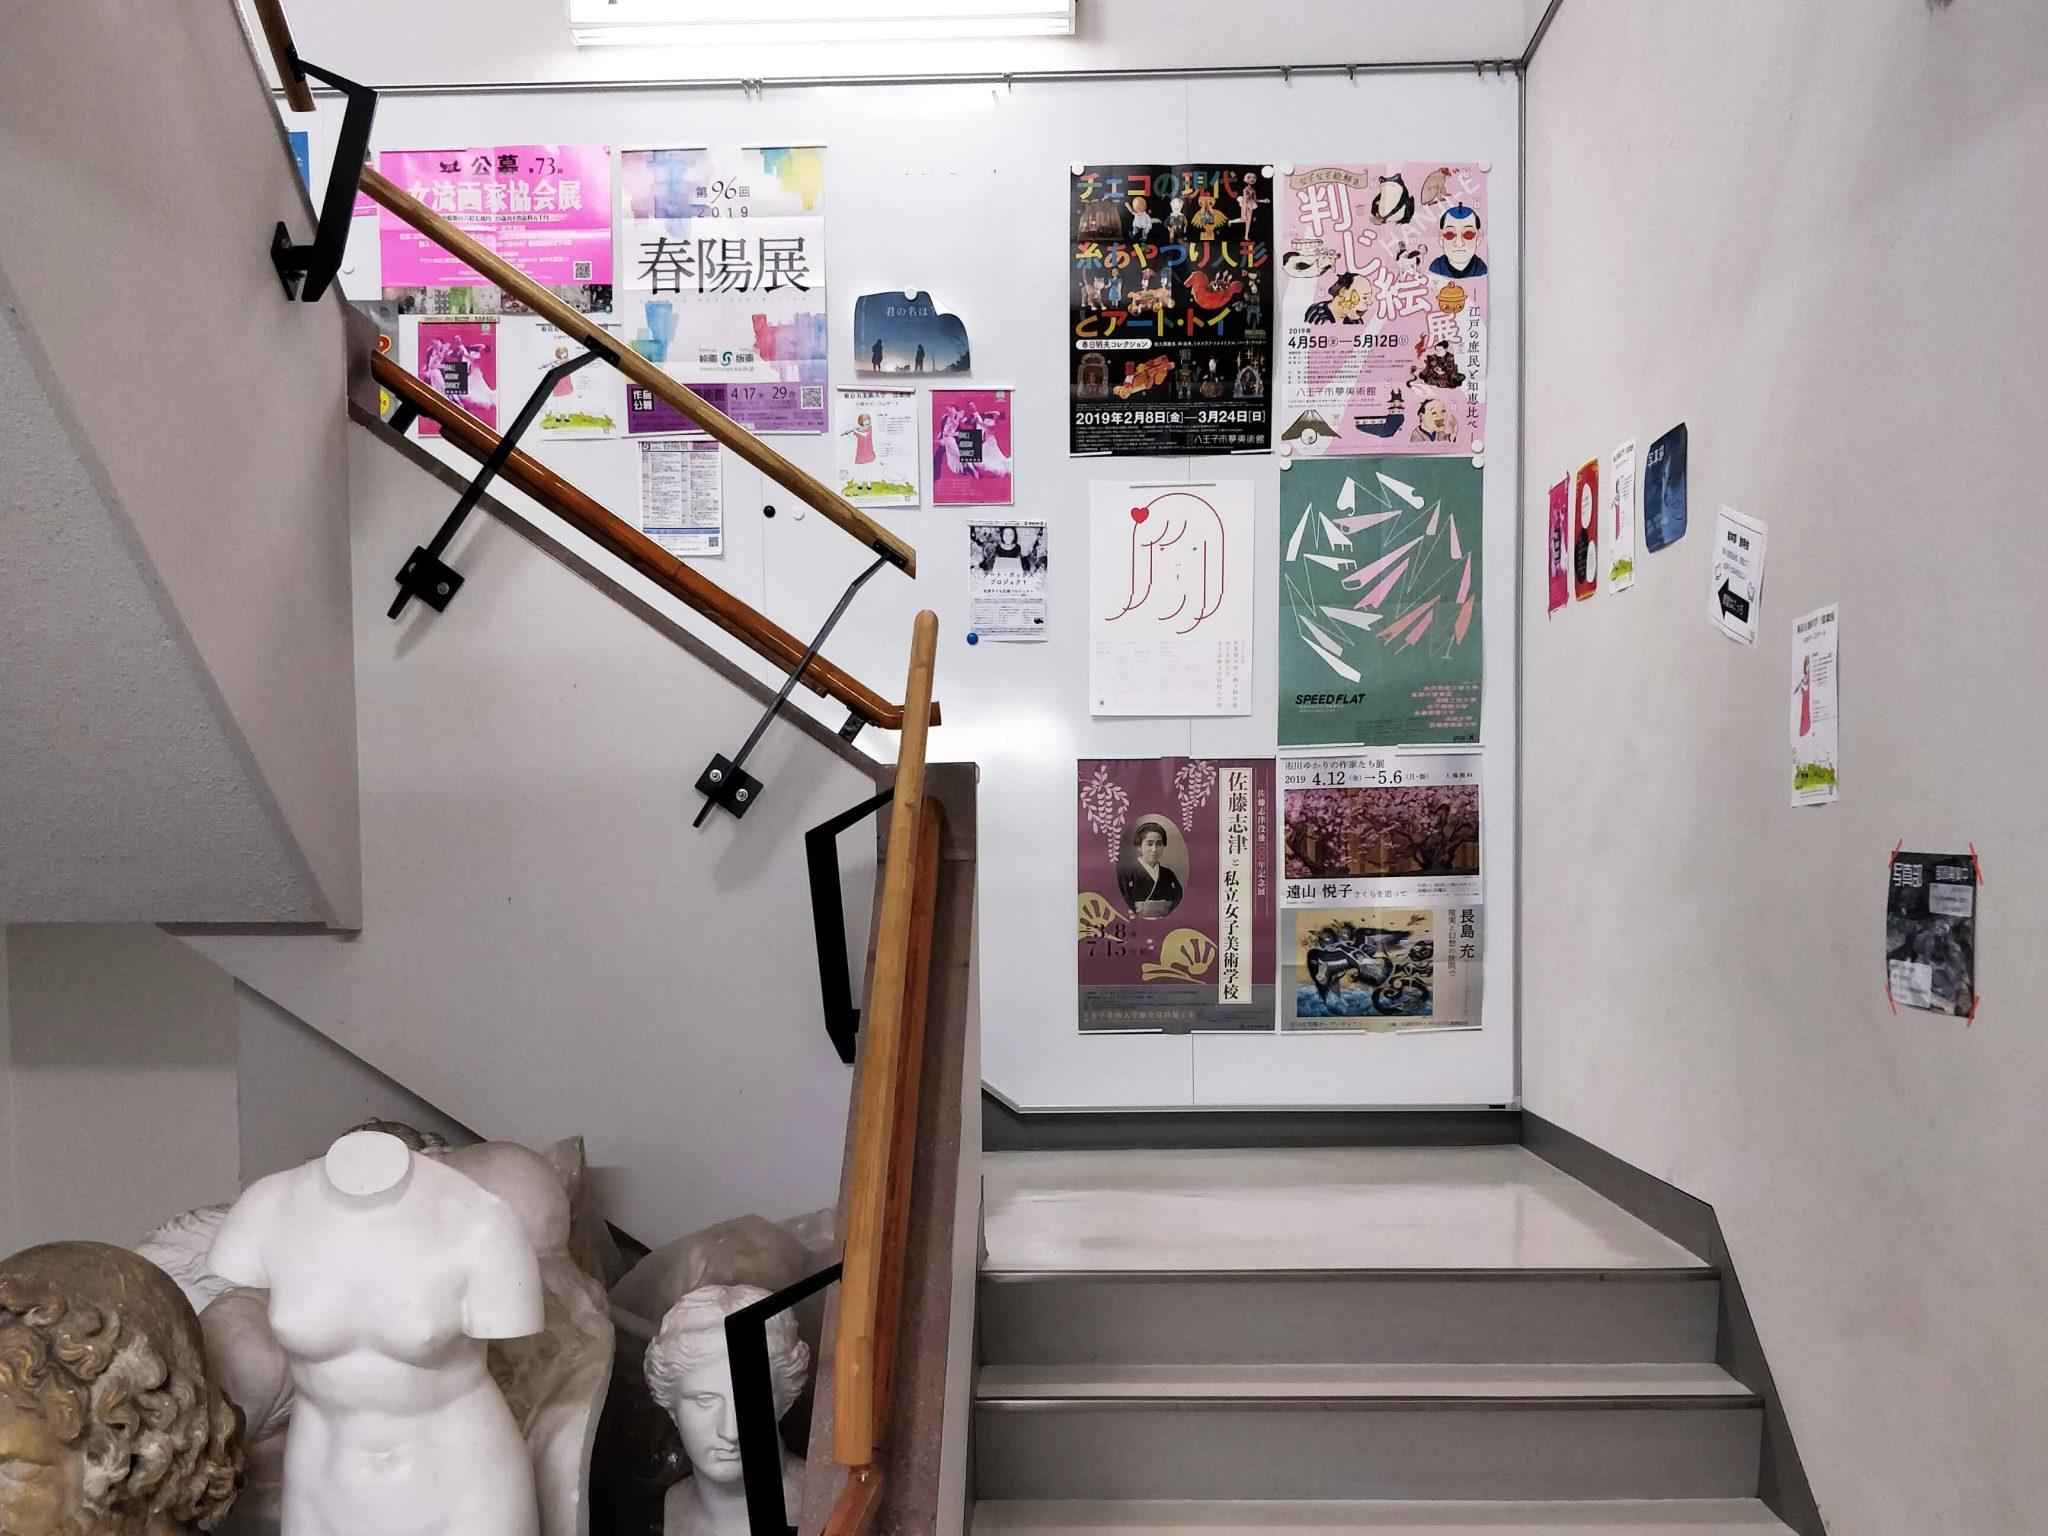 vaihdossa japanissa - yliopiston käytävä jossa värikkäitä julisteita